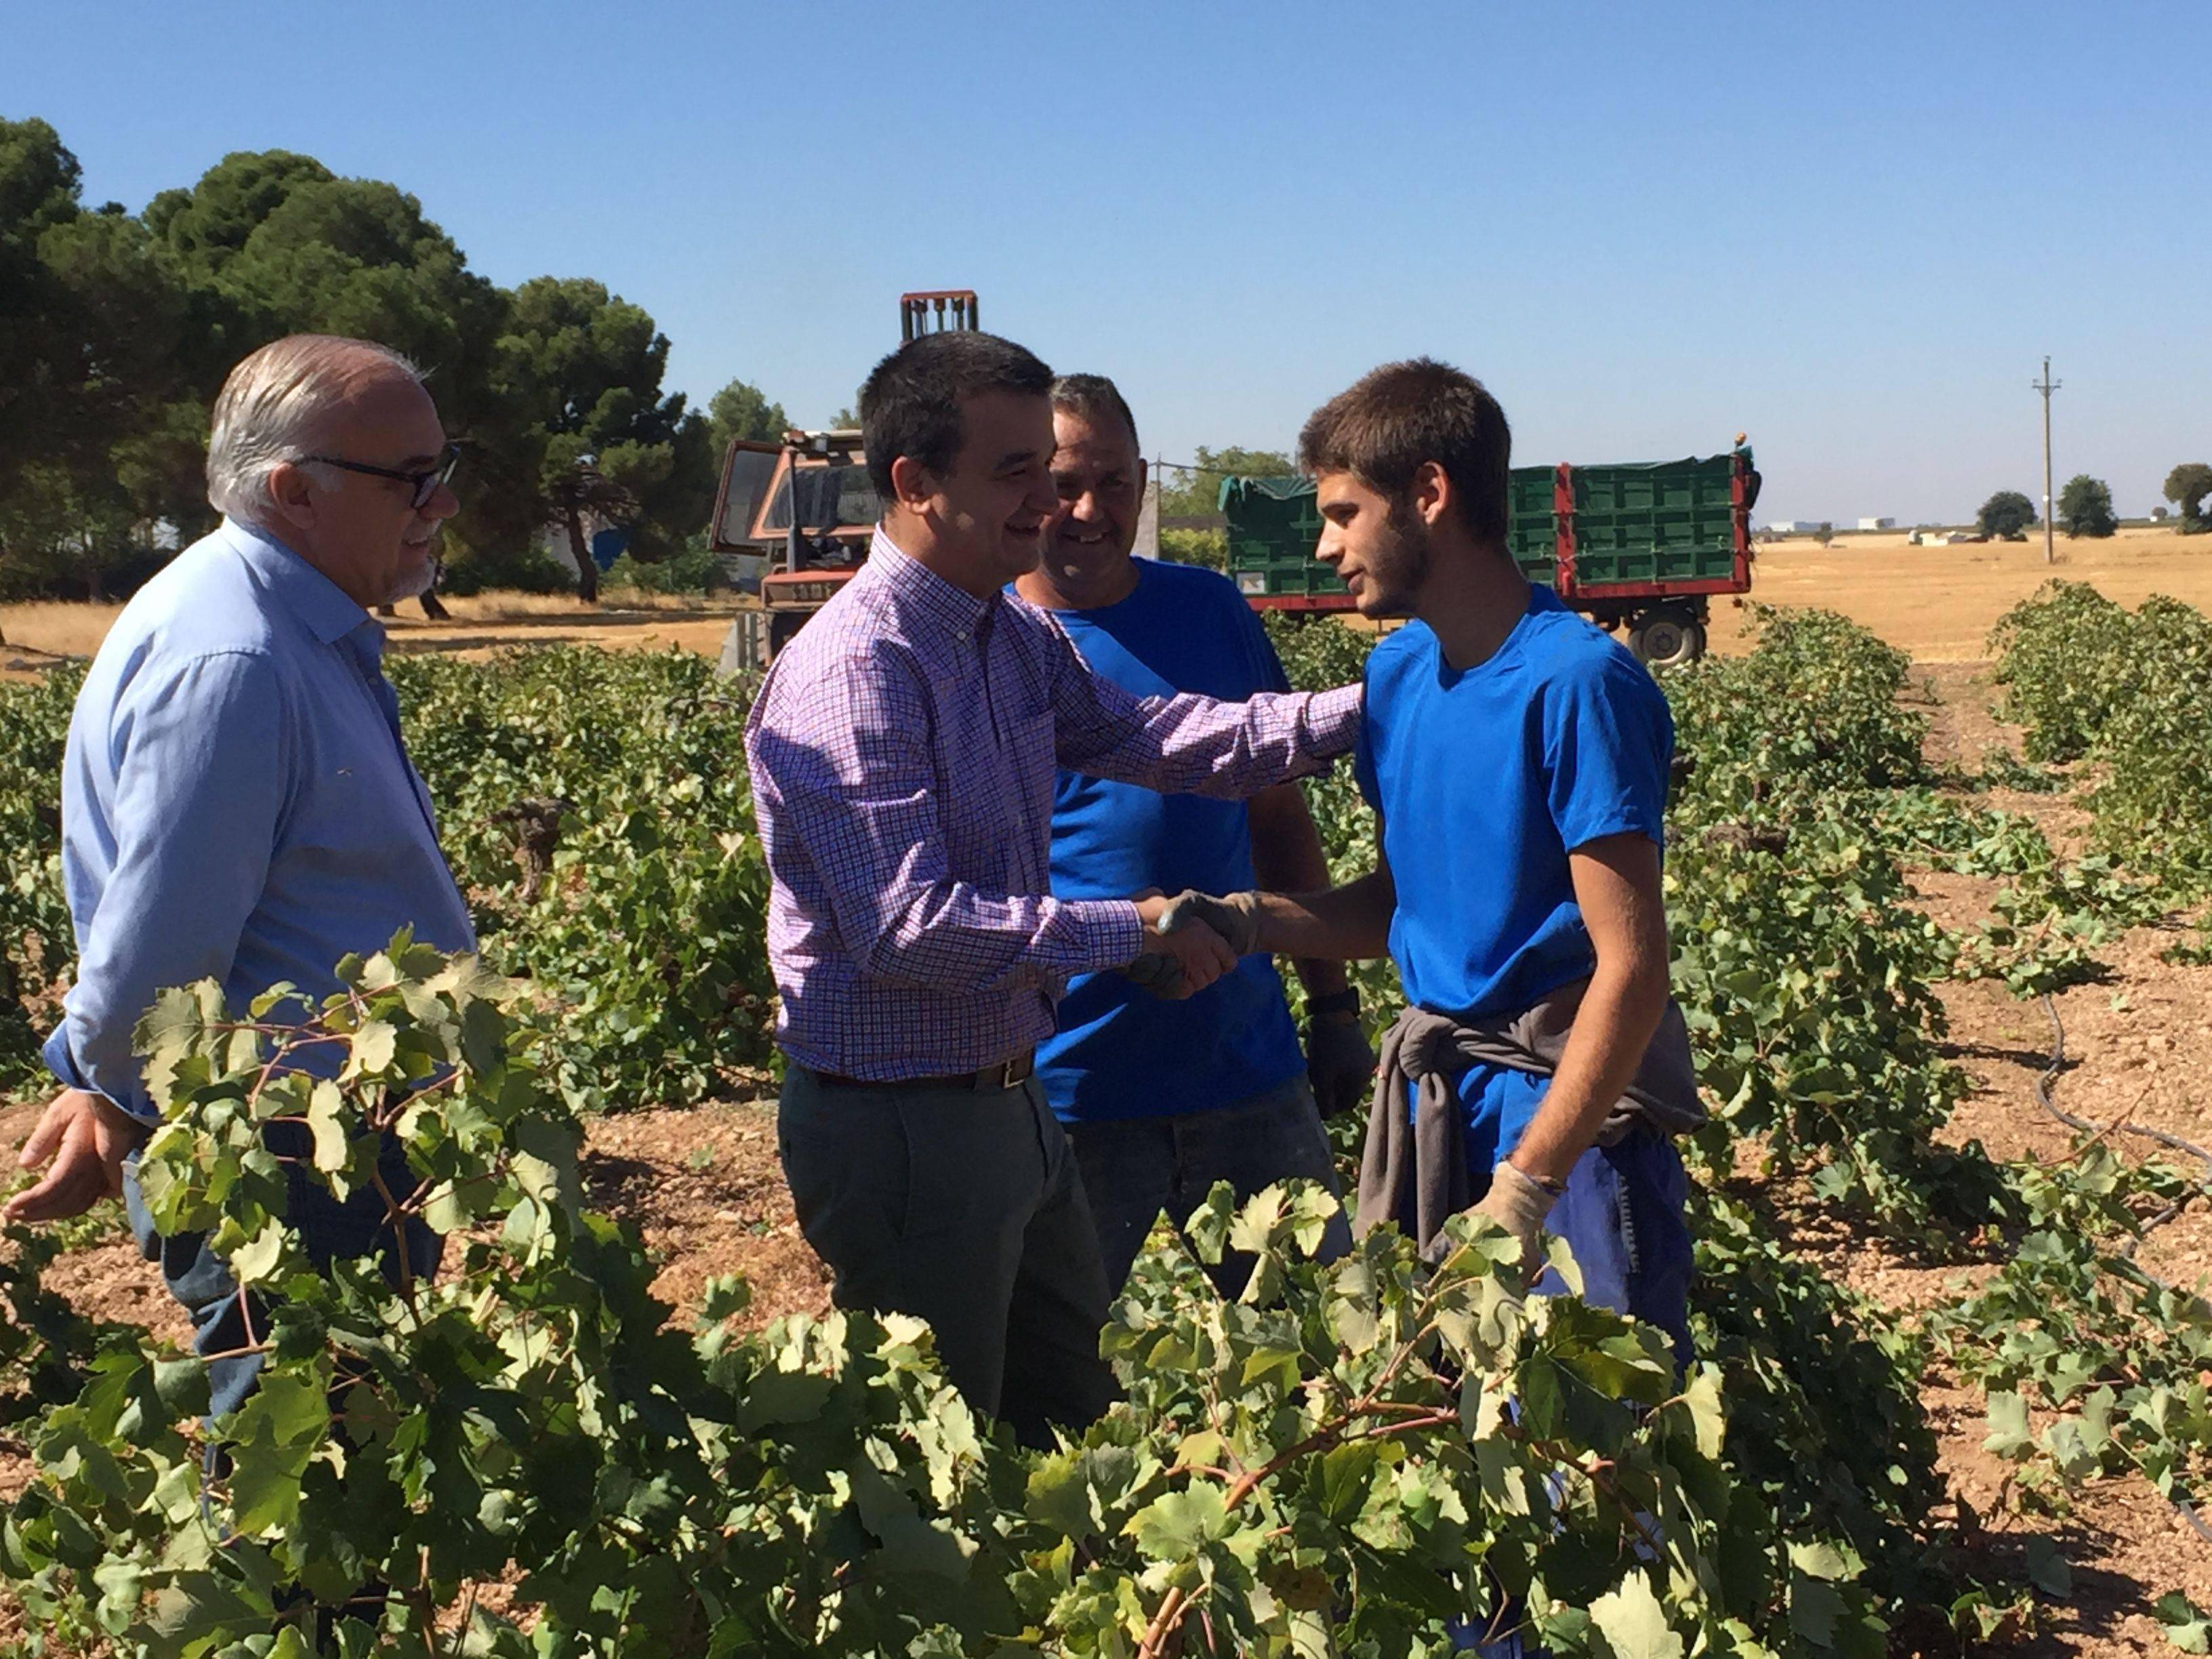 martinez arroyo en la vendimia - Gobierto regional ingresó cerca de 13 millones de euros por la reestructuración de su viñedo